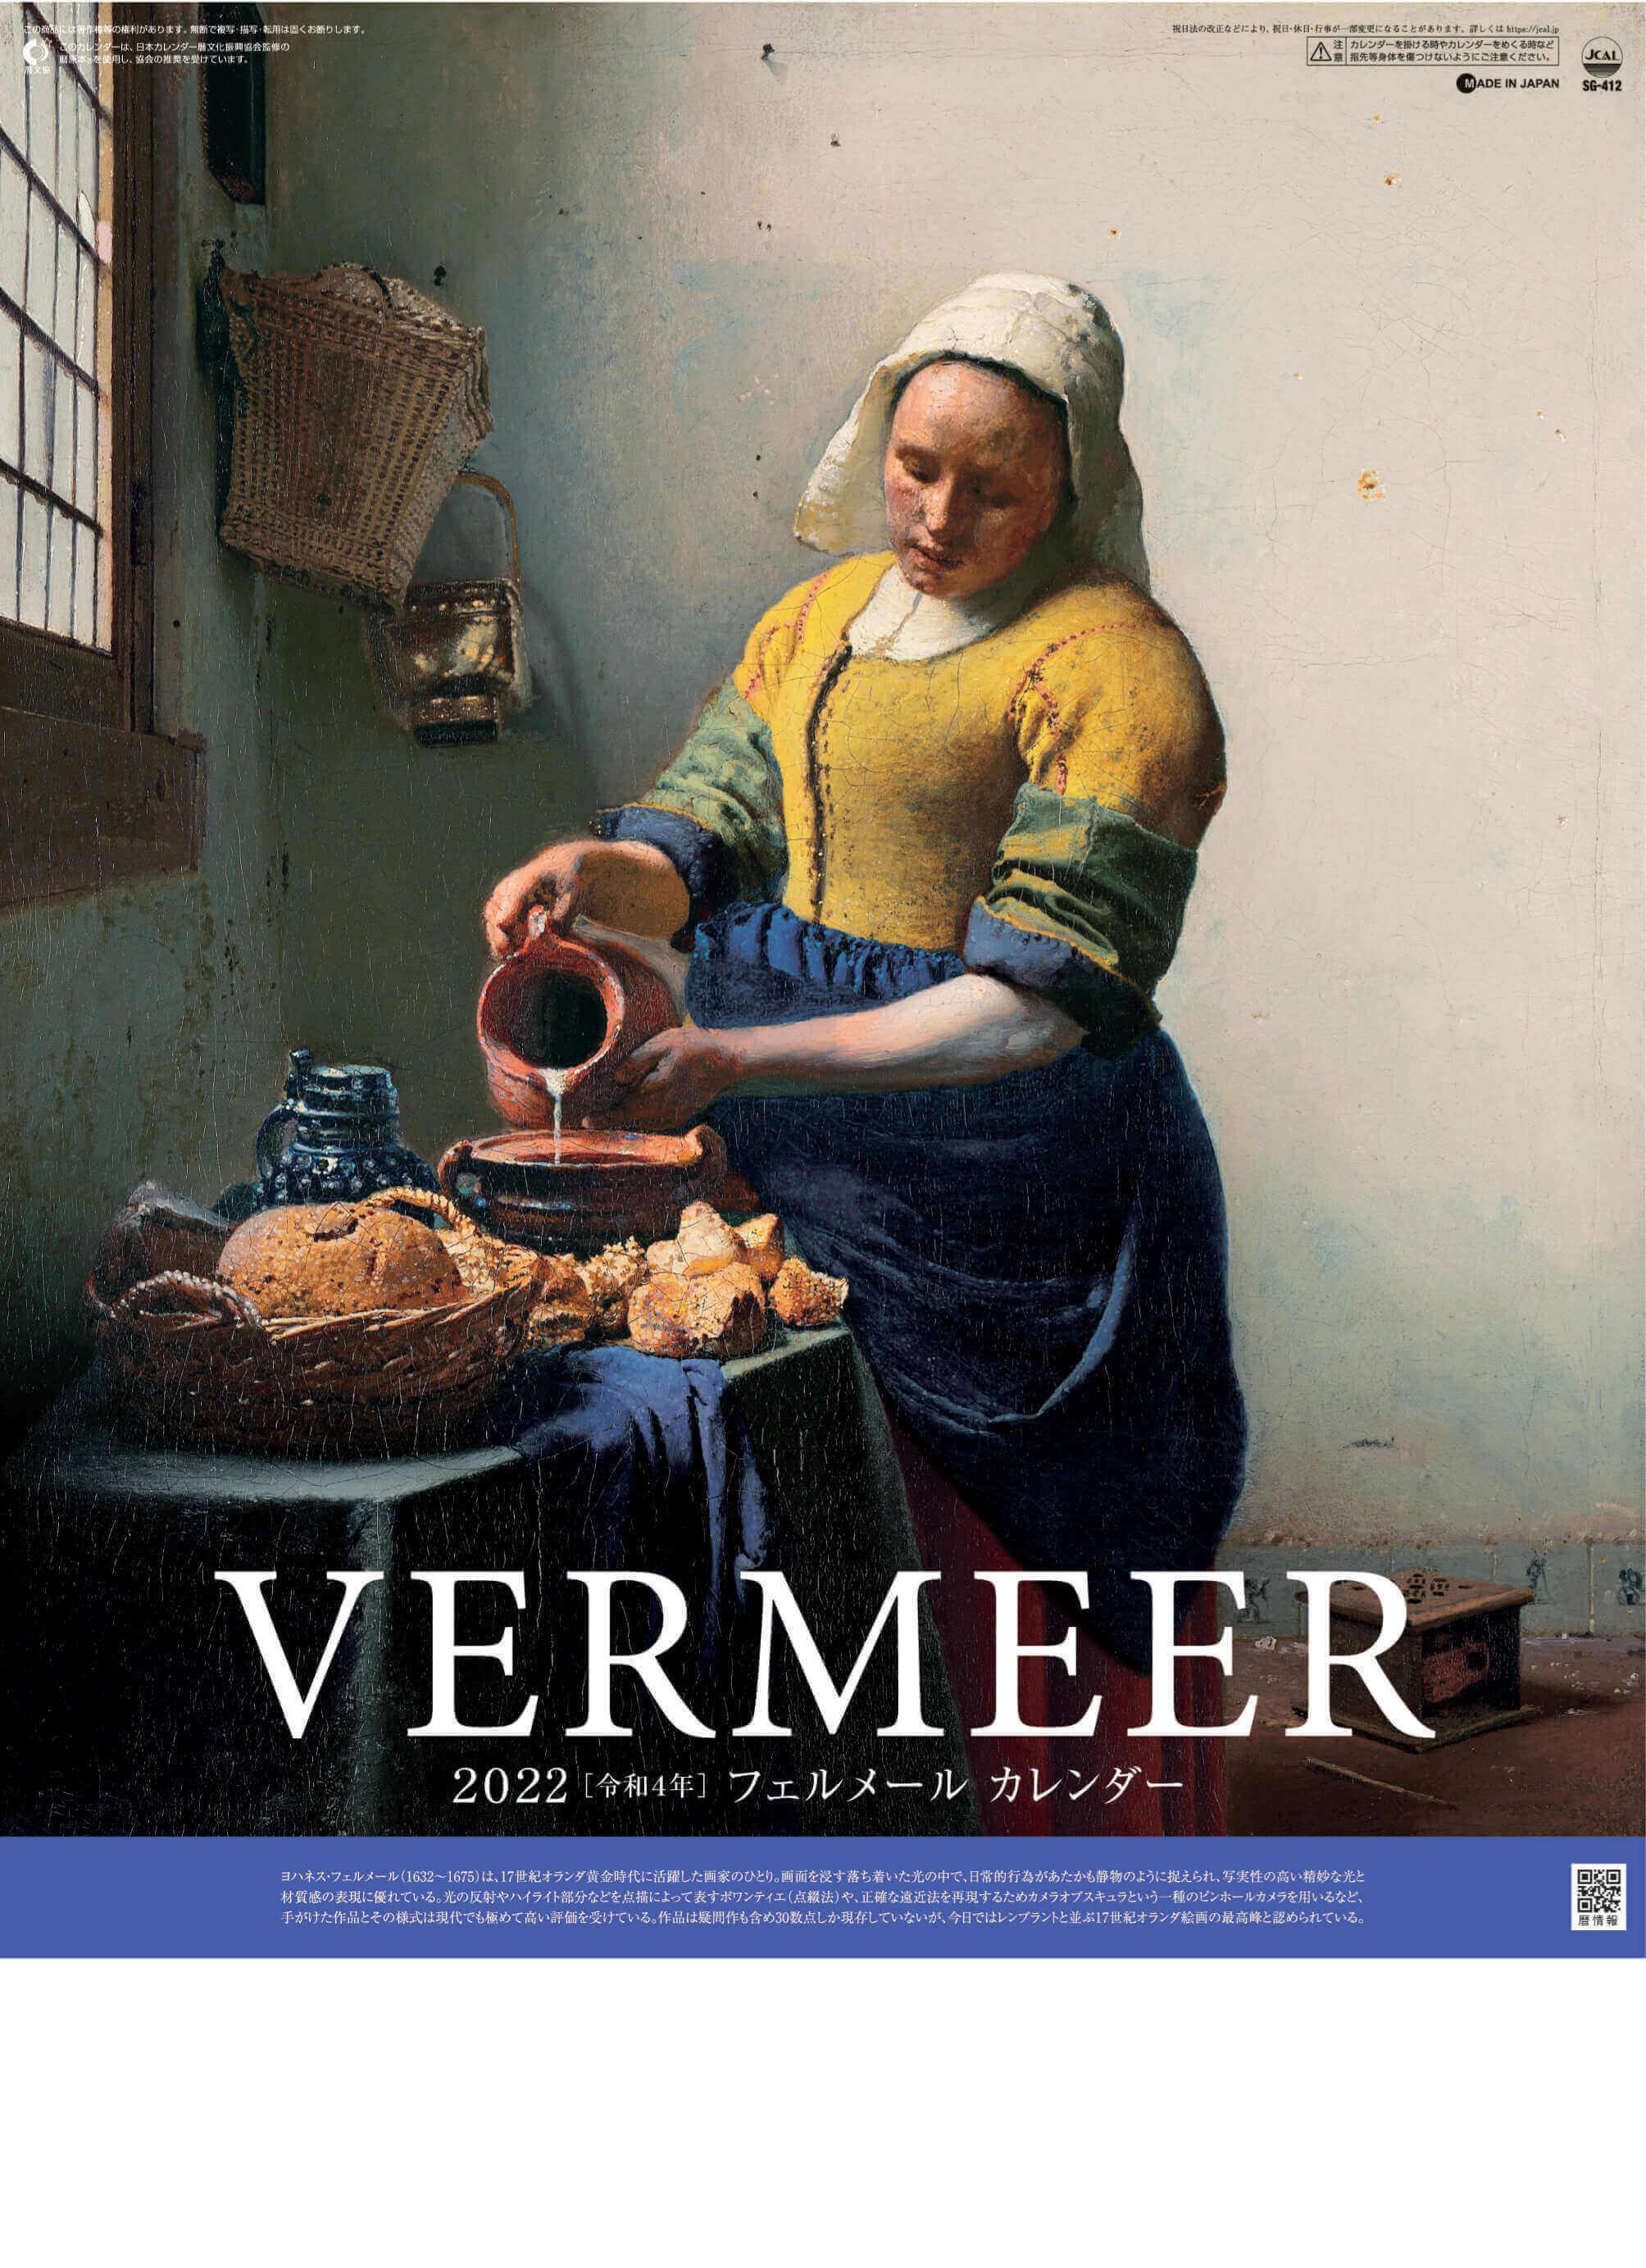 フェルメール 2022年カレンダーの画像